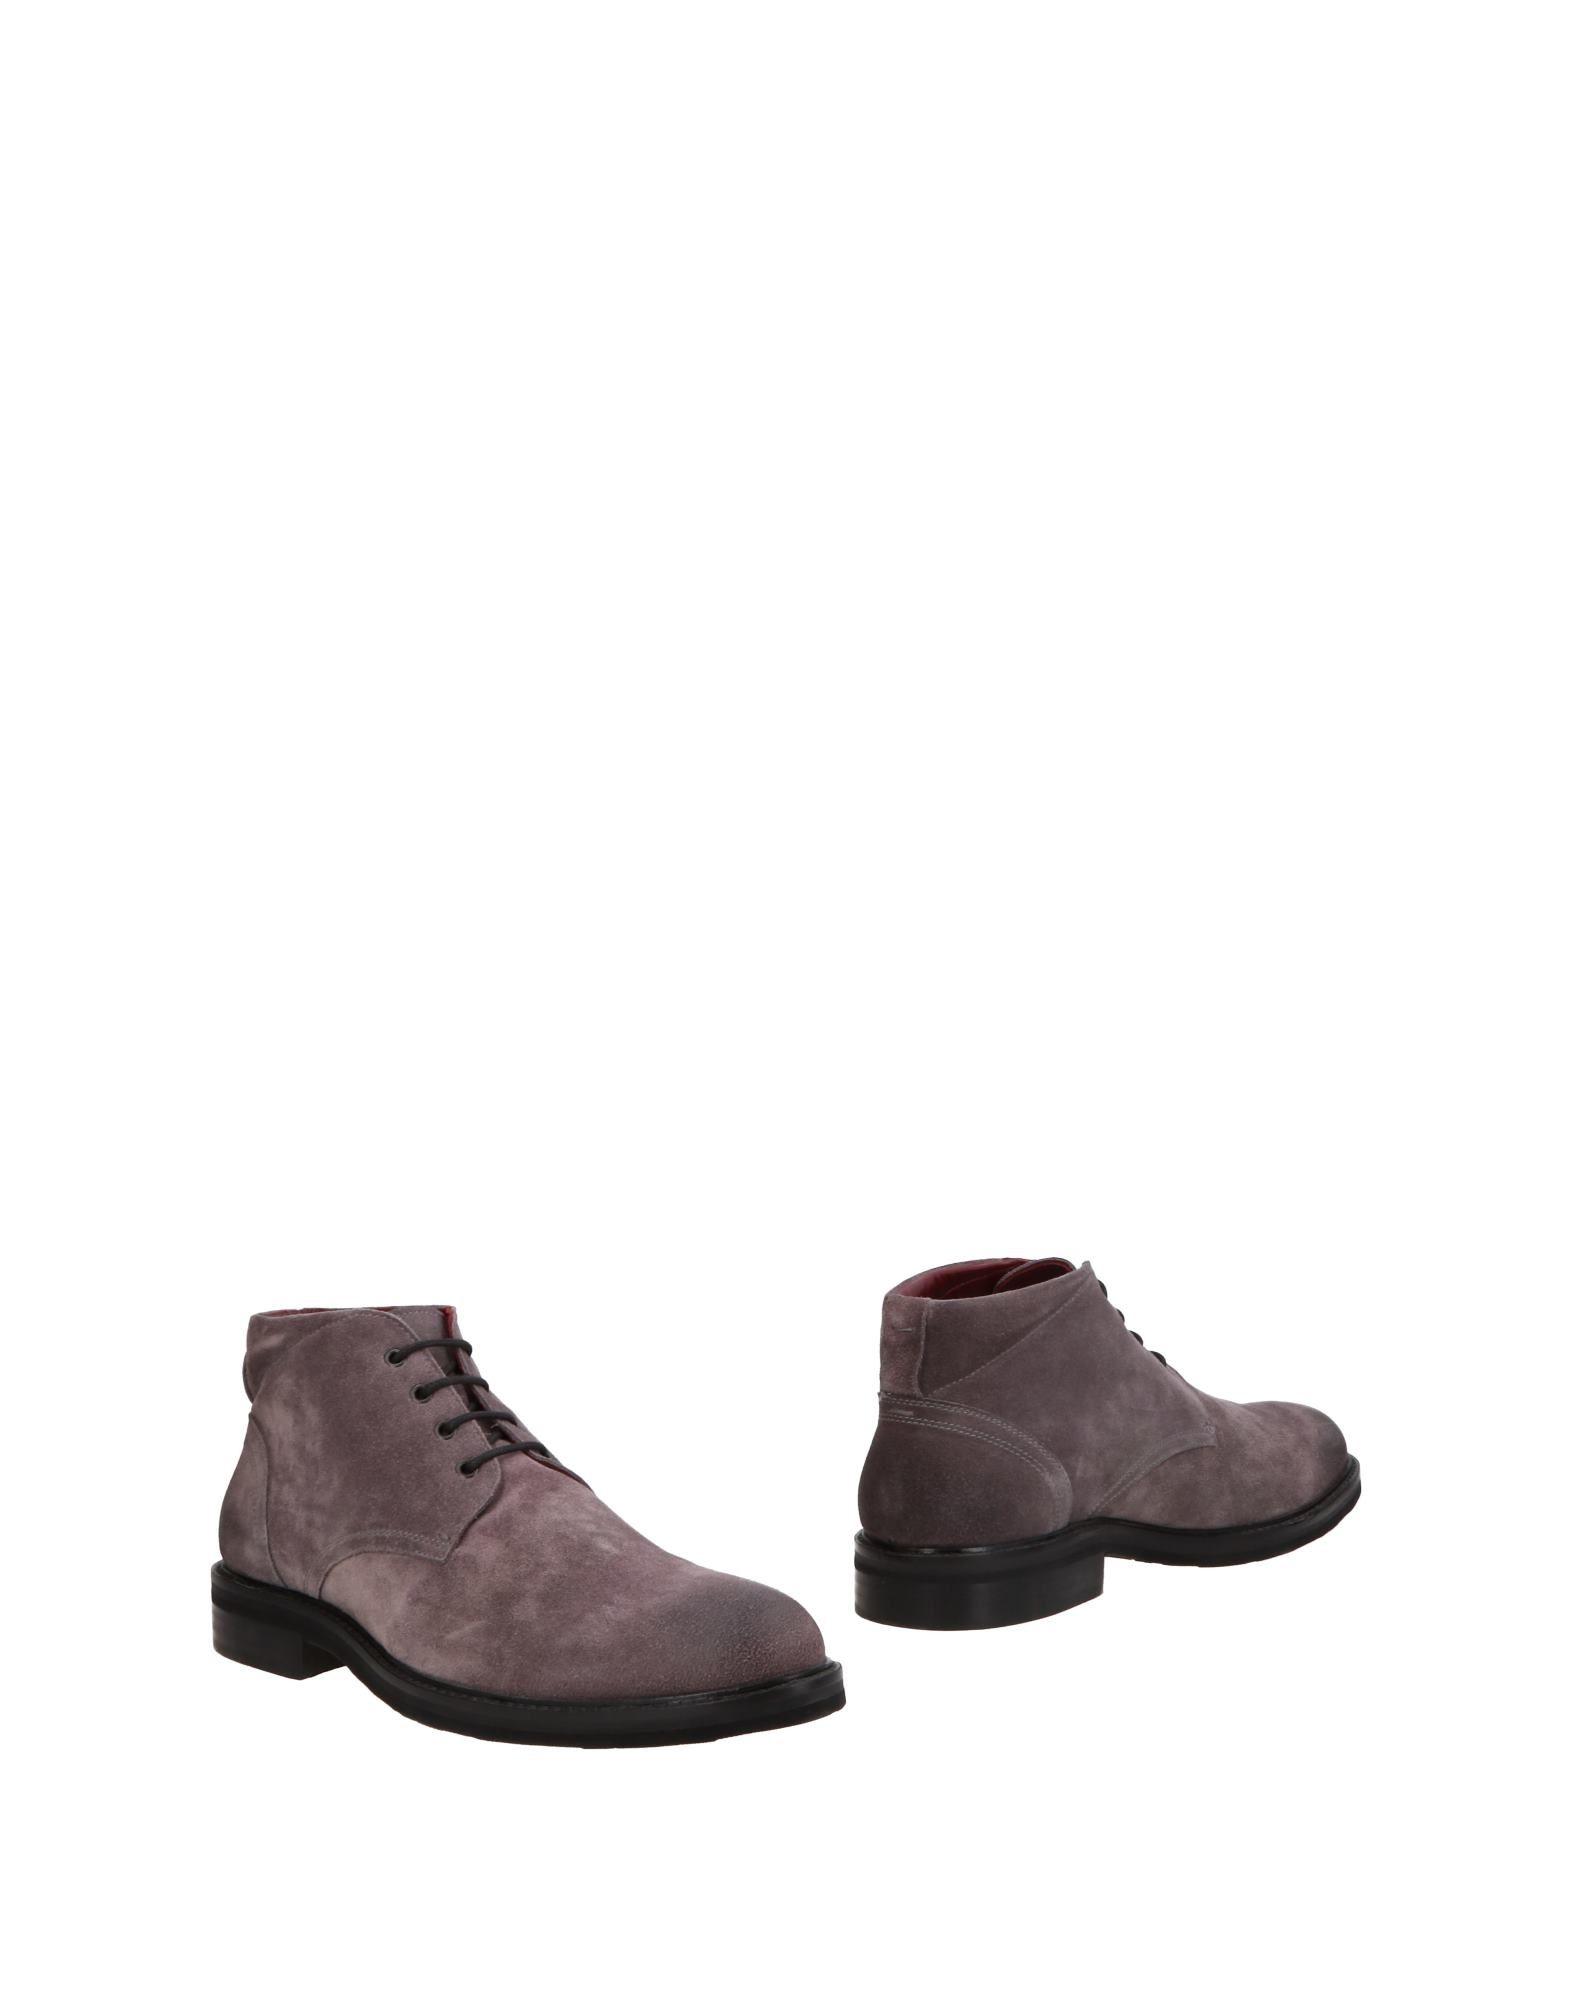 Pal Zileri Concept Stiefelette Herren  11499817FL Gute Qualität beliebte Schuhe